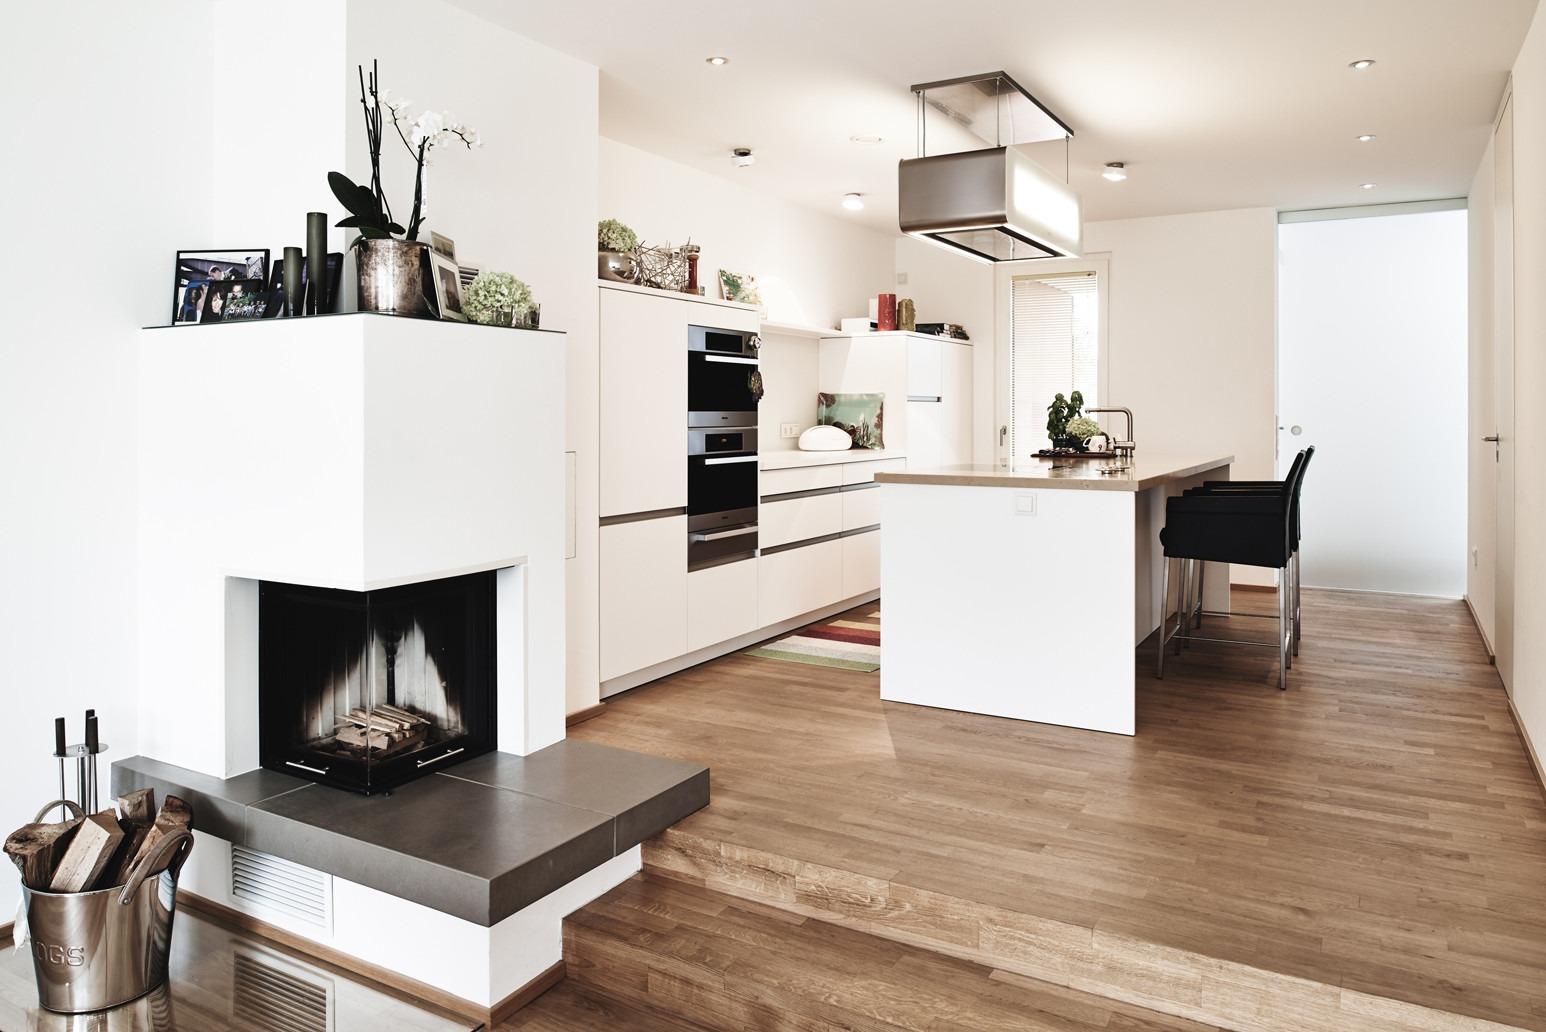 Küchen Reihenhaus - Bellevue 2.0